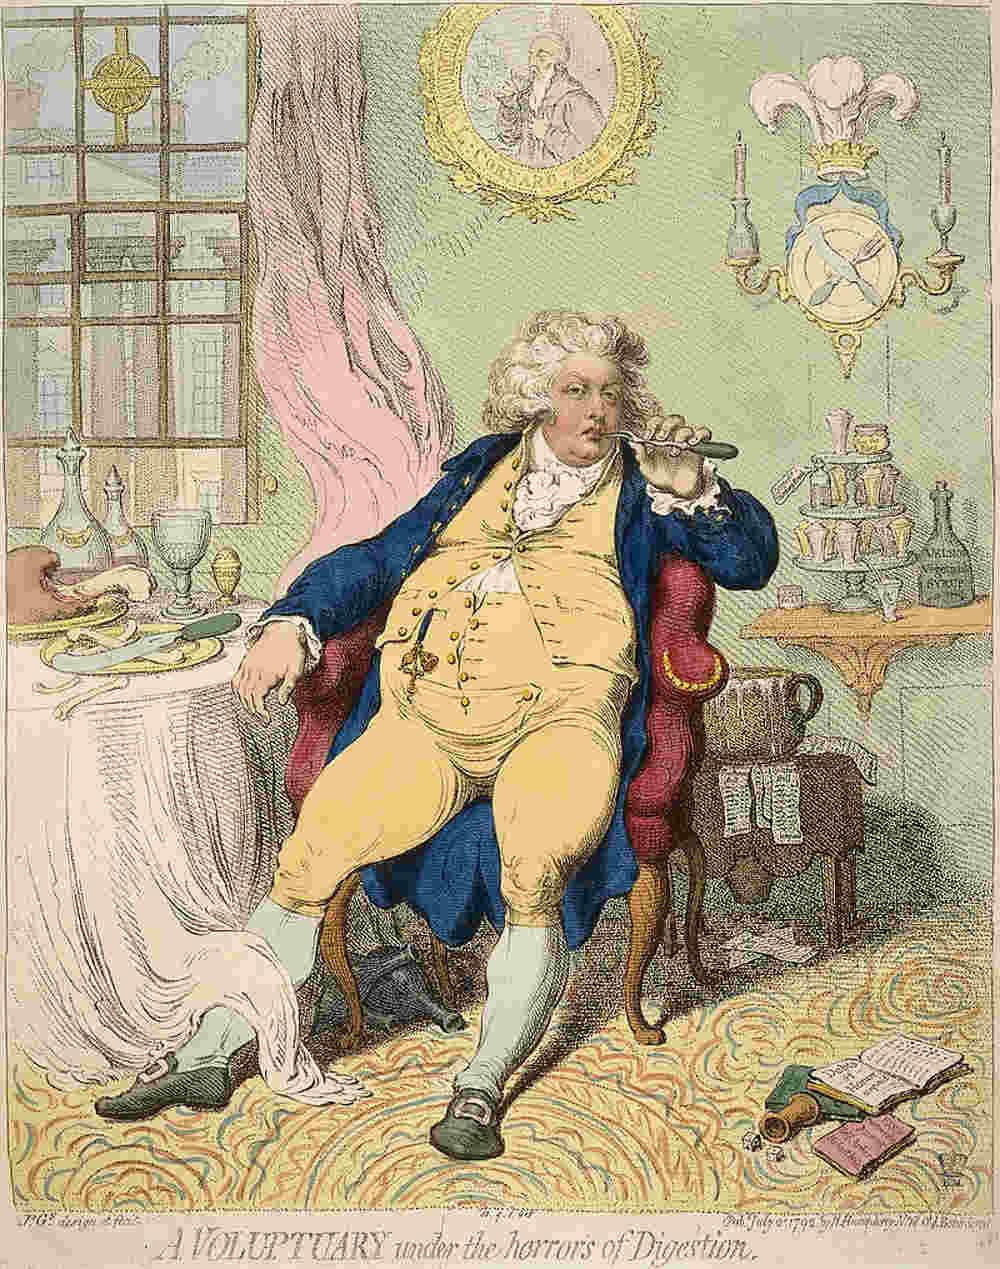 Beau Brummell, Prince Regent